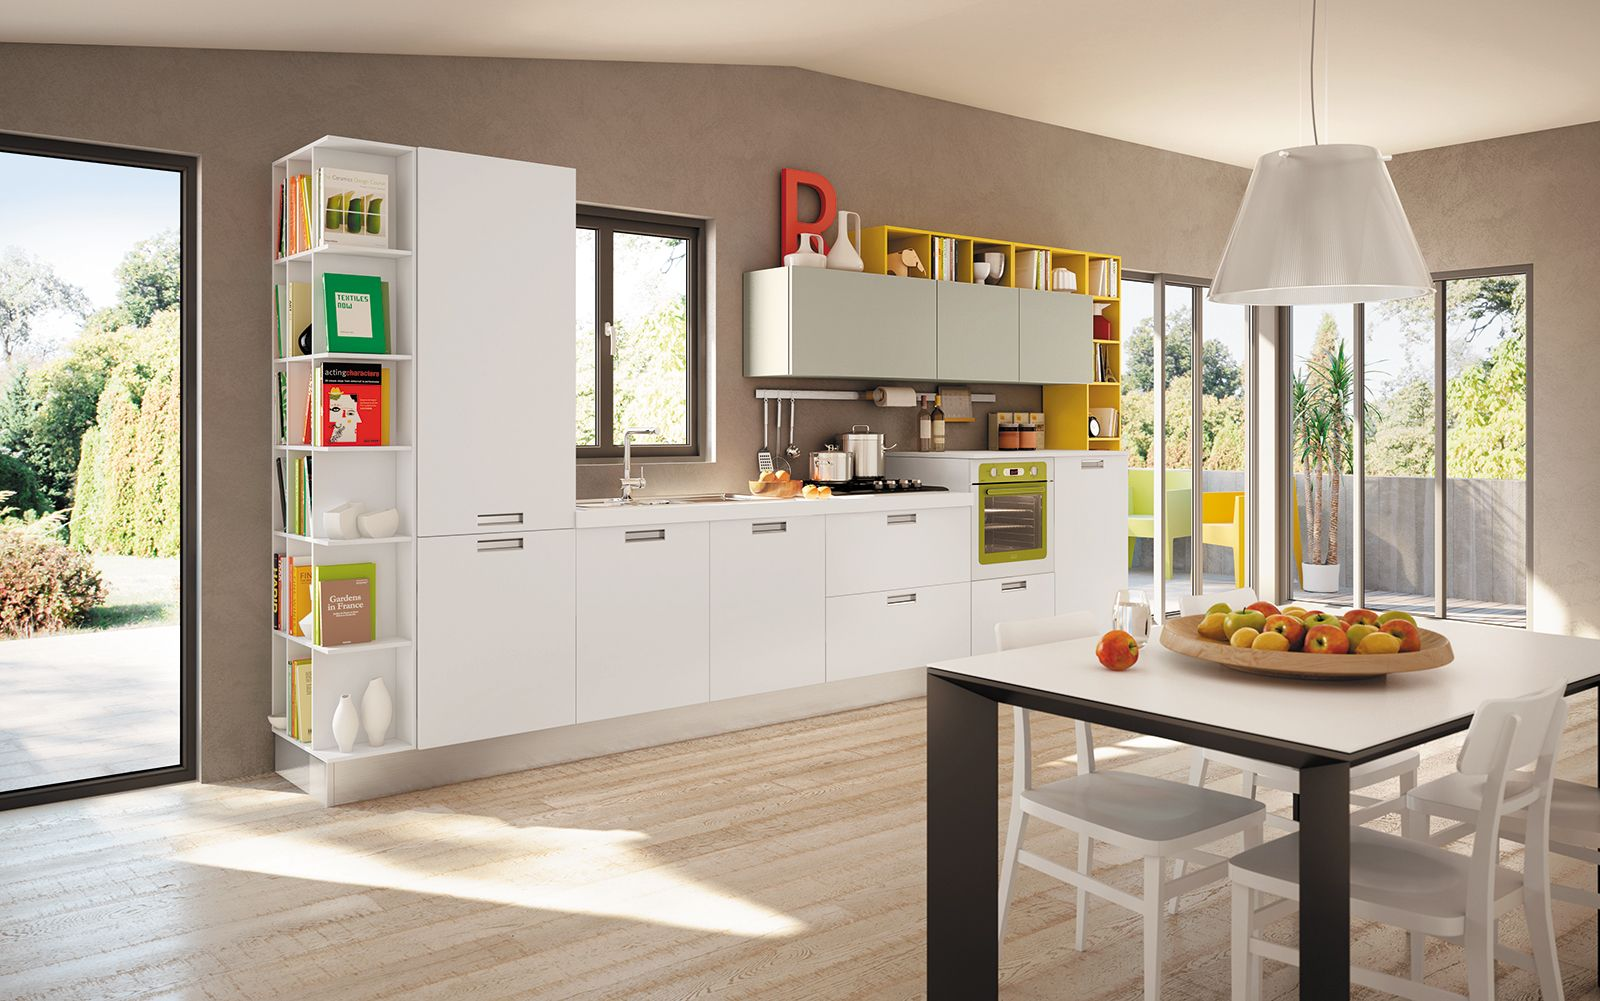 Best Tinte Per Cucina Images - Ridgewayng.com - ridgewayng.com